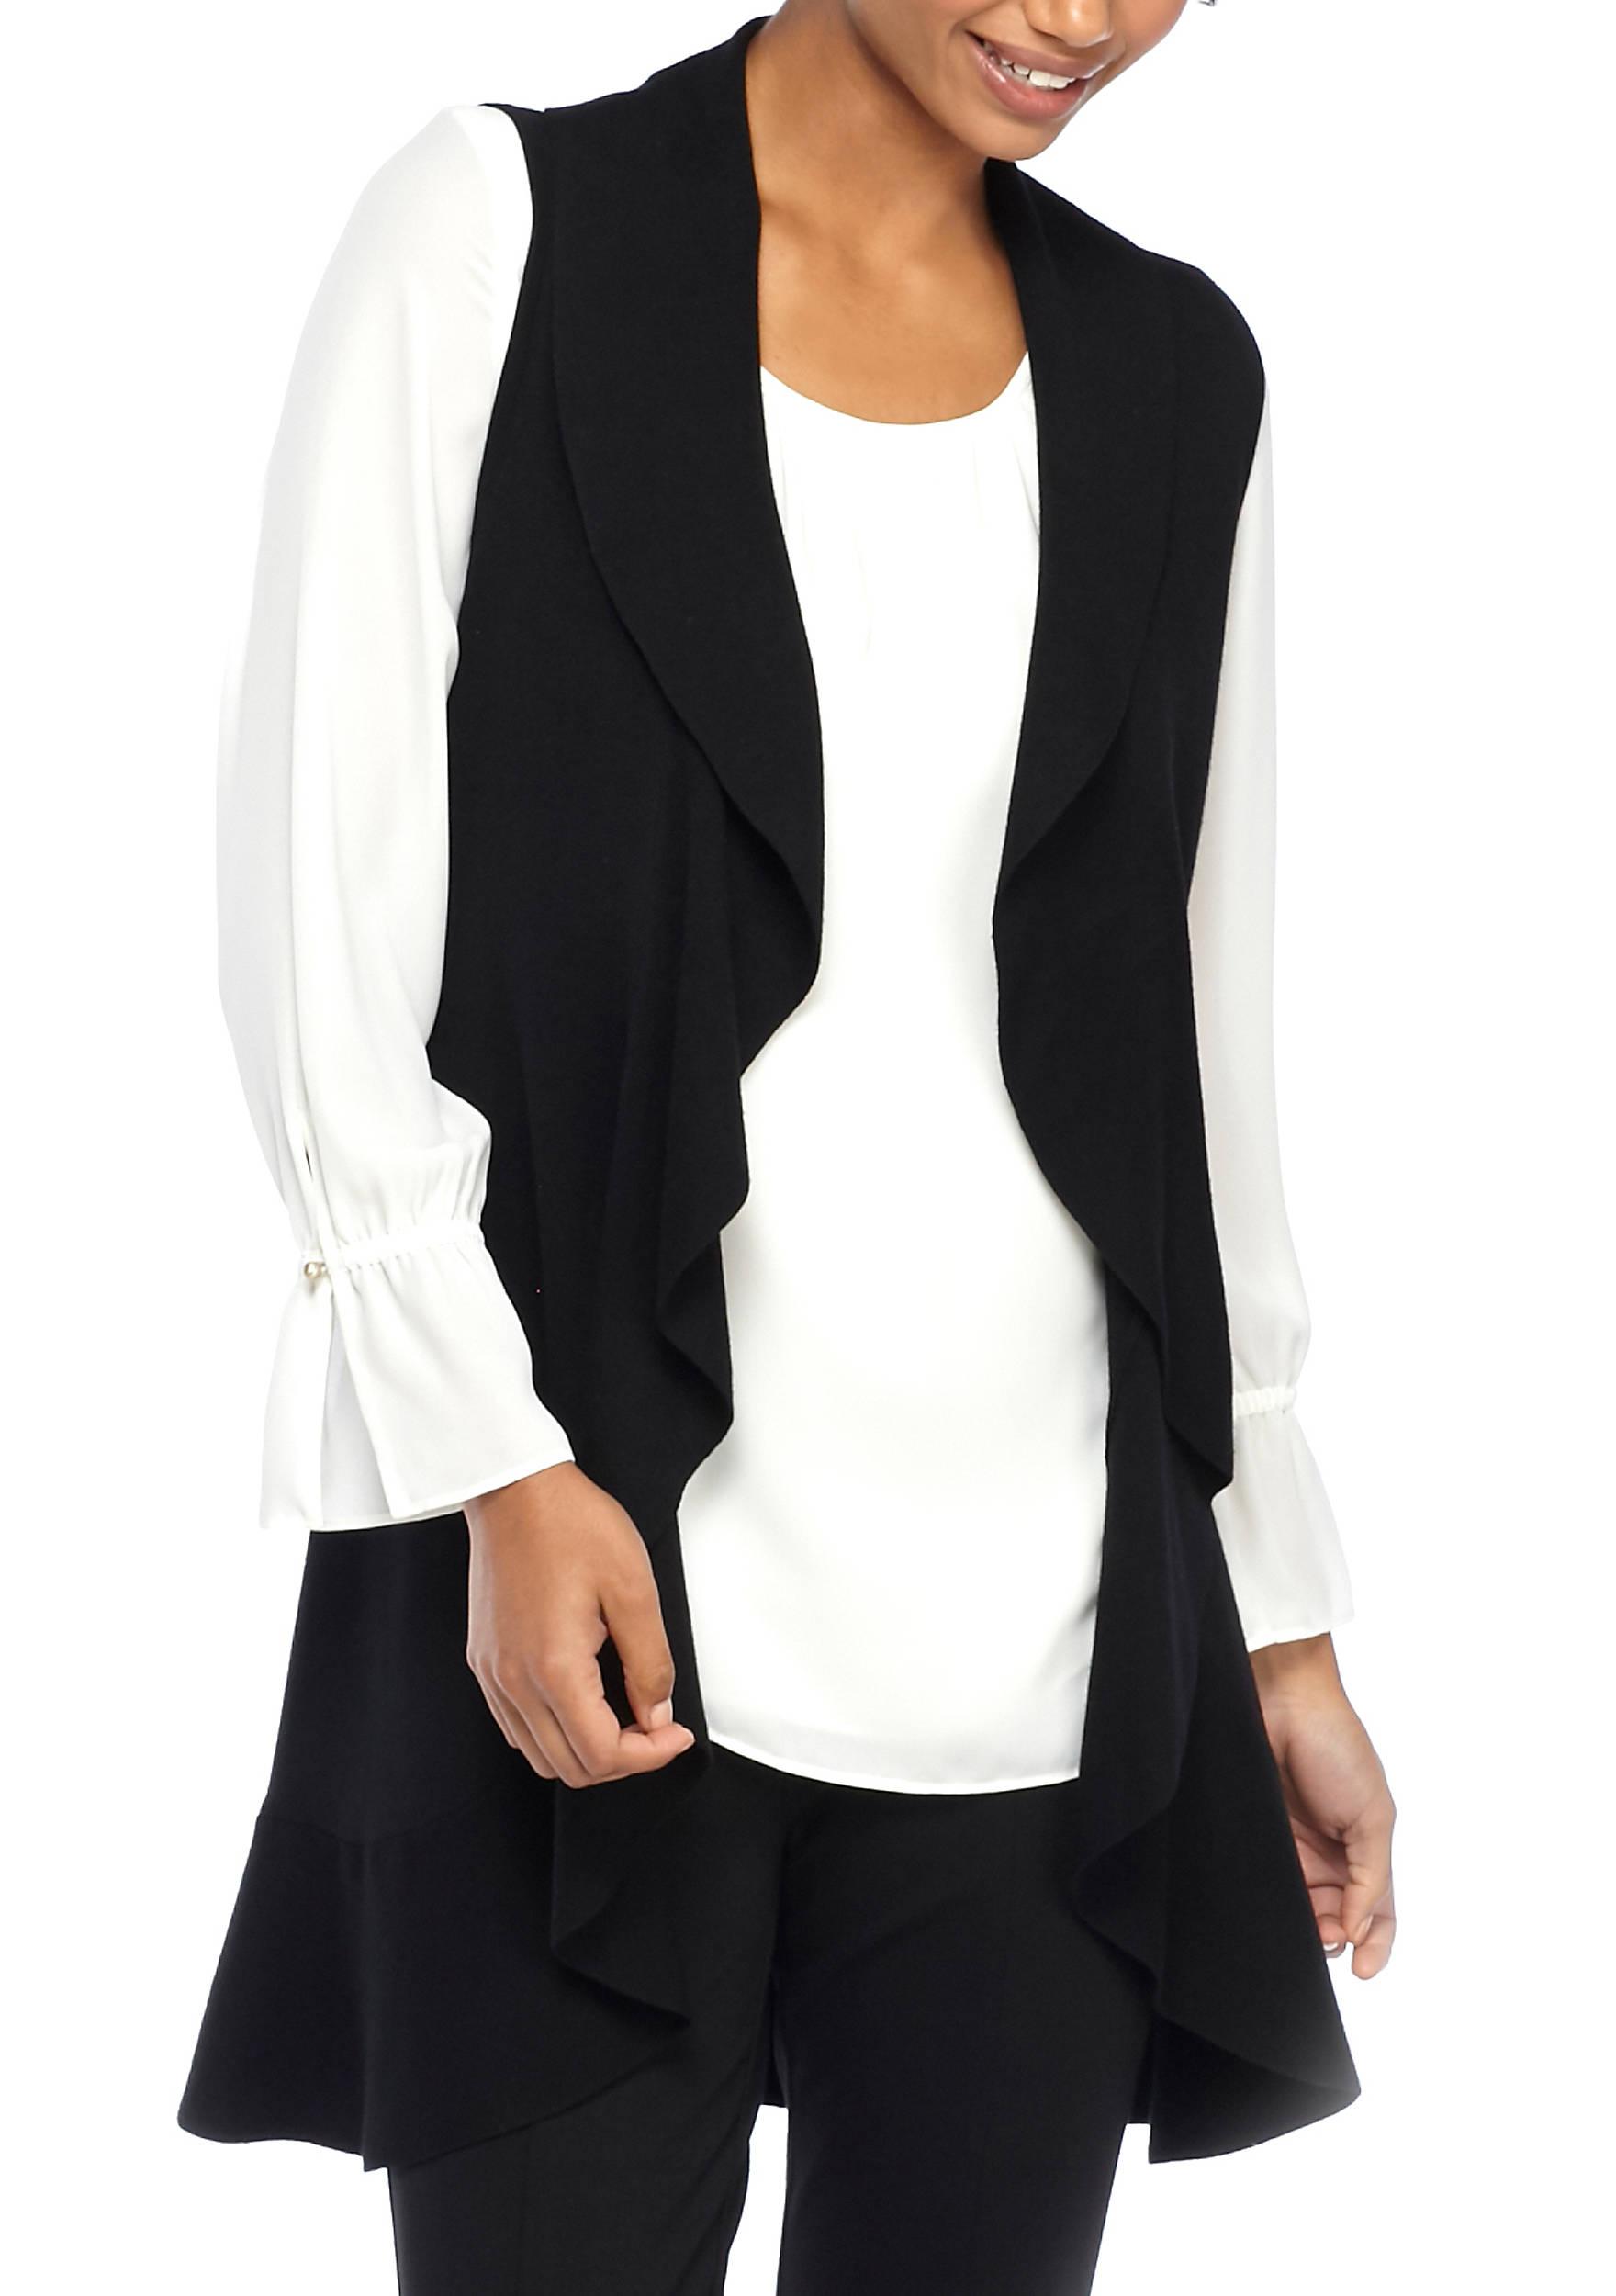 Women's Sweater Vests | belk